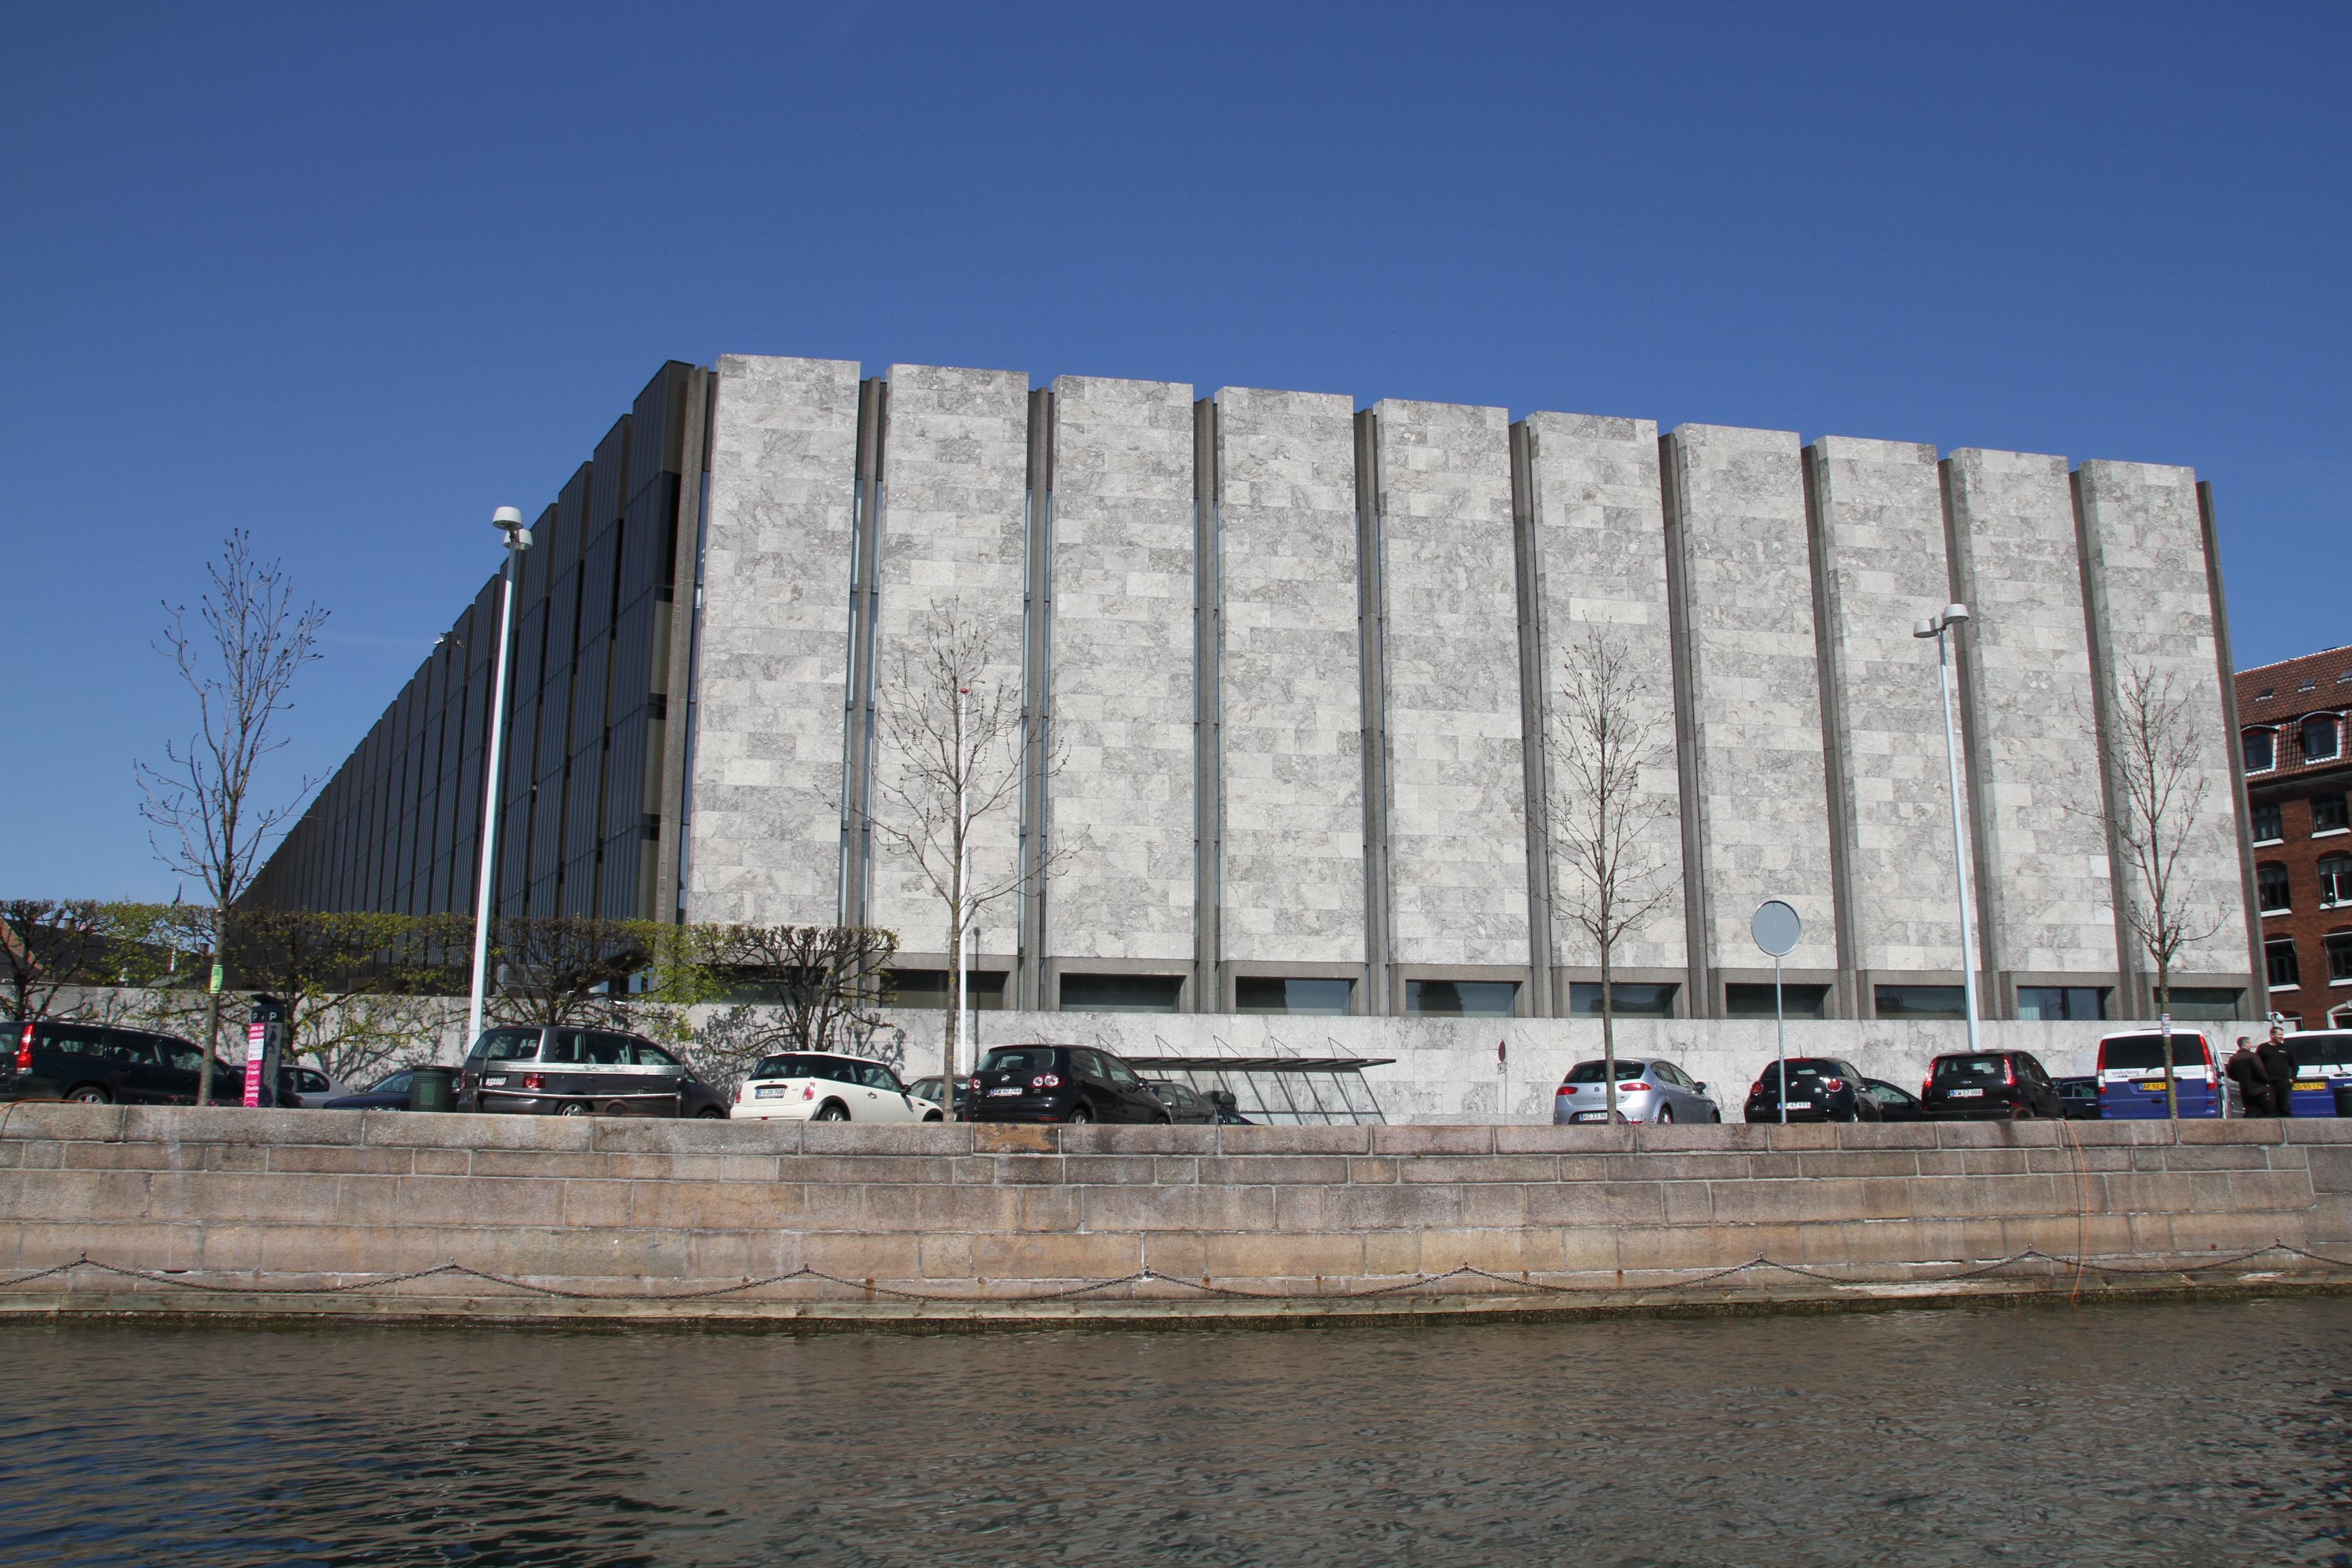 Copenhagen_Danmarks_Nationalbank_IMG_5458_This_is_the_National_Bank_of_Denmark.